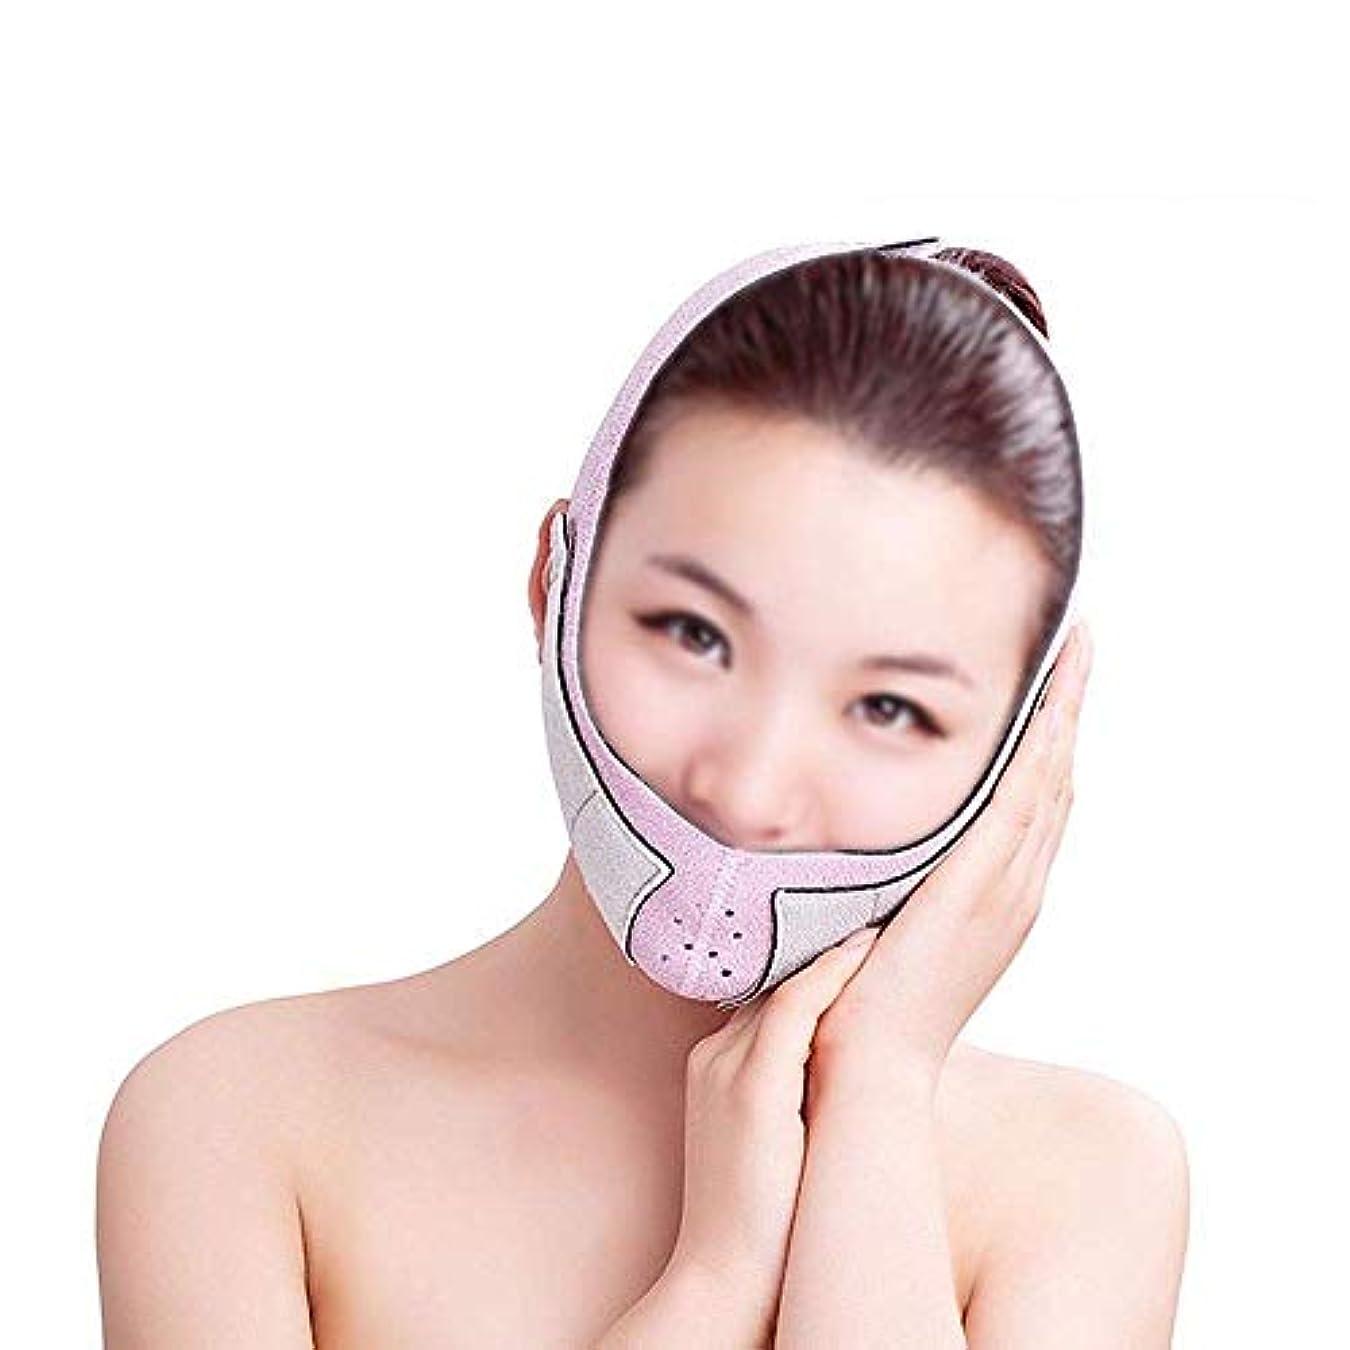 年次警察フェイスリフトマスク、スリミングベルト薄いフェイスマスク強力なリフティング小さなV顔薄い顔包帯美容顔リフティングデバイス